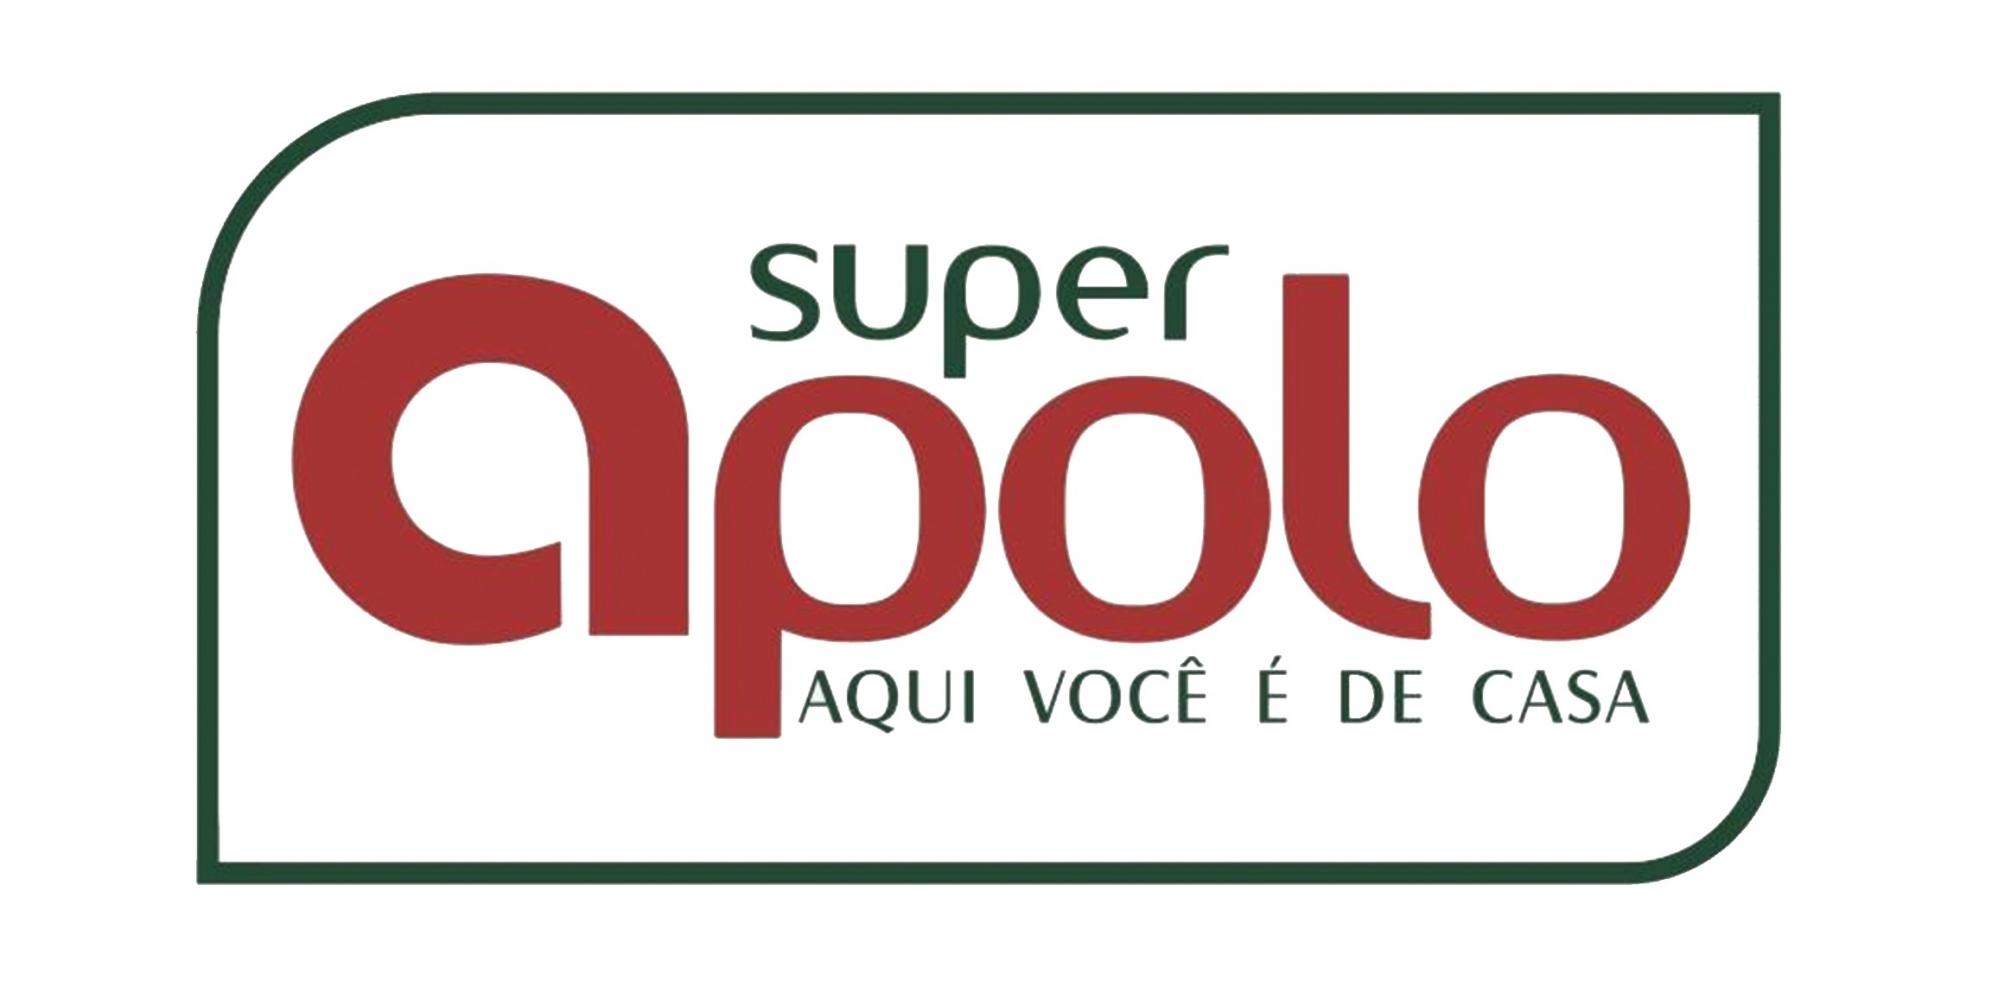 Super Apolo